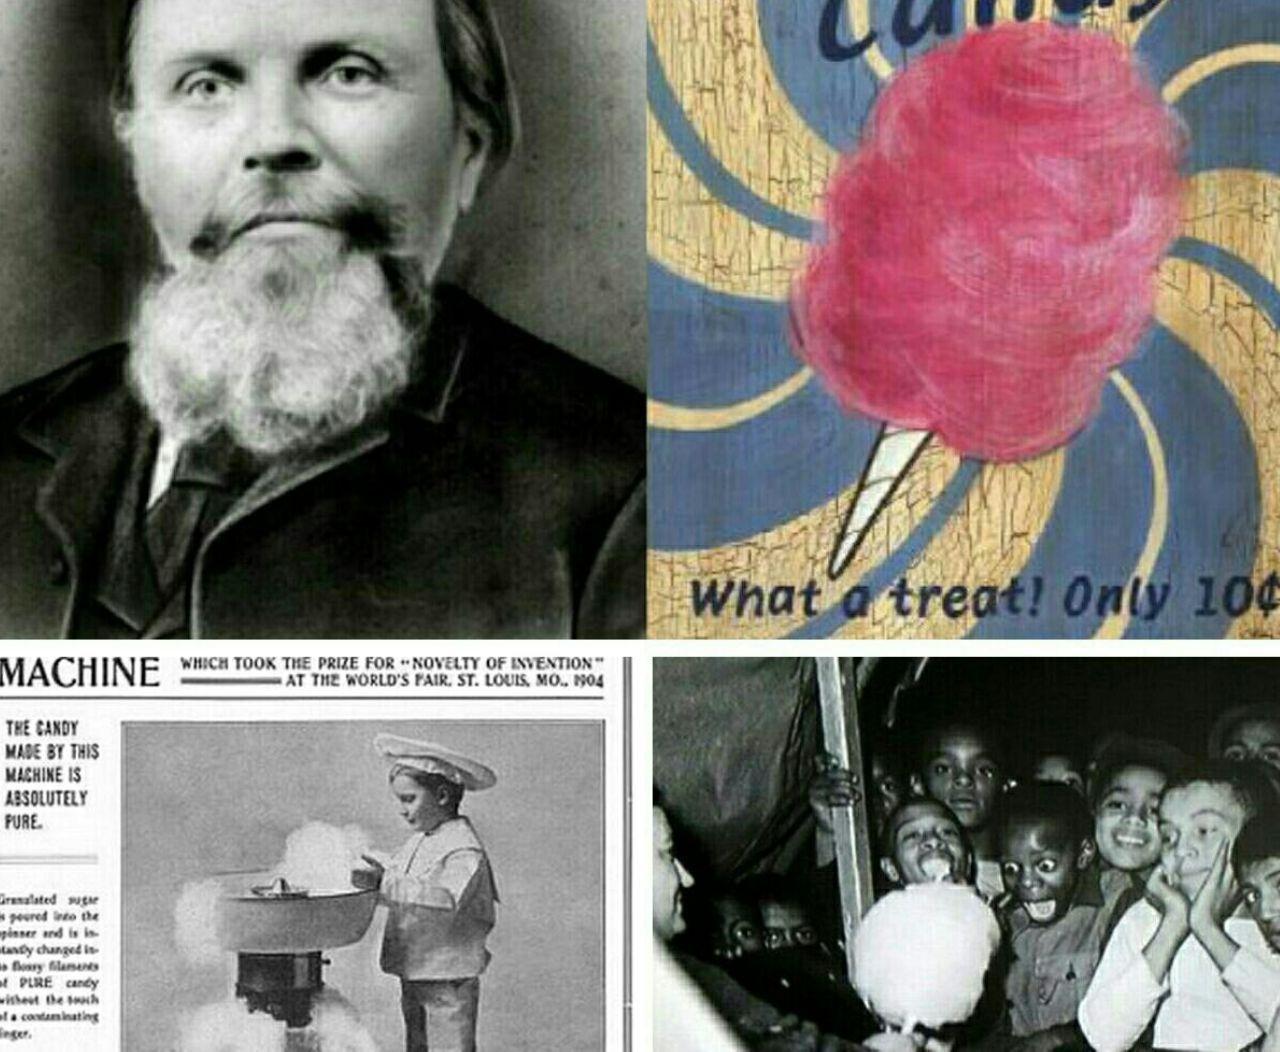 دندانپزشکی که مخترع و تولیدکننده پشمک شد +عکس